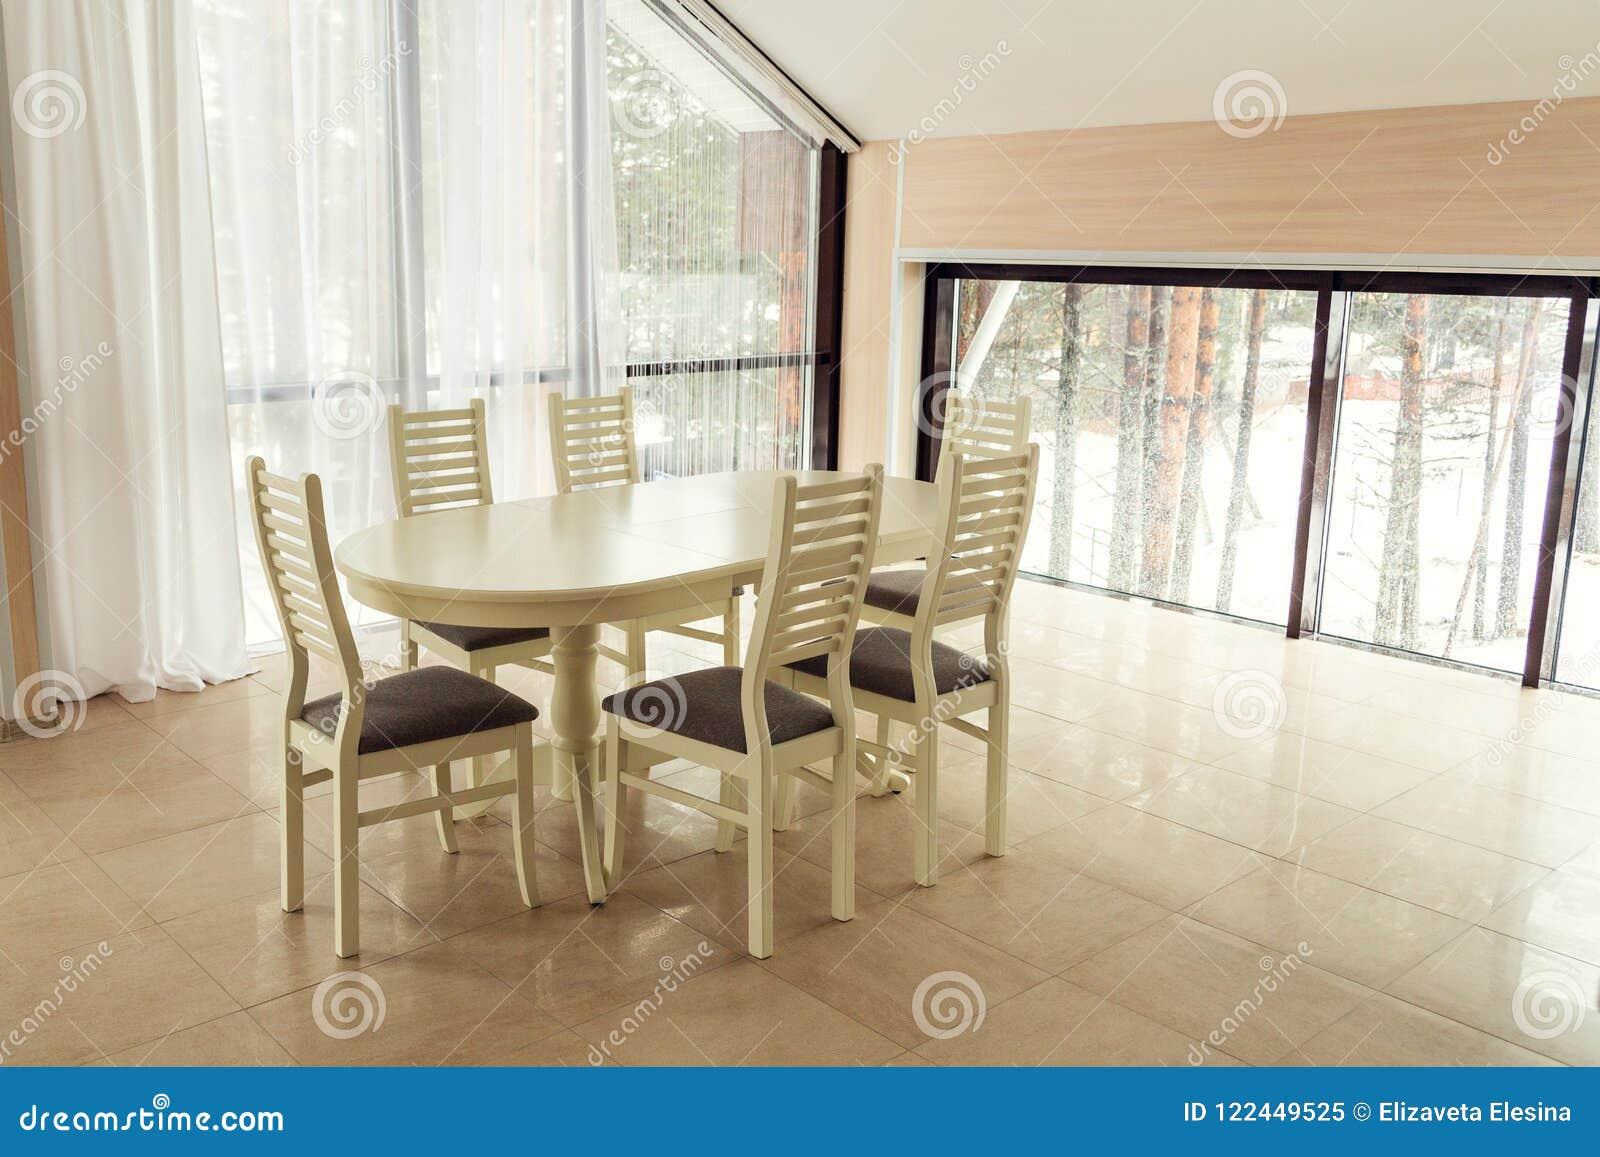 Appartement Moderne De Lumières Avec Une Table De Salle à Manger